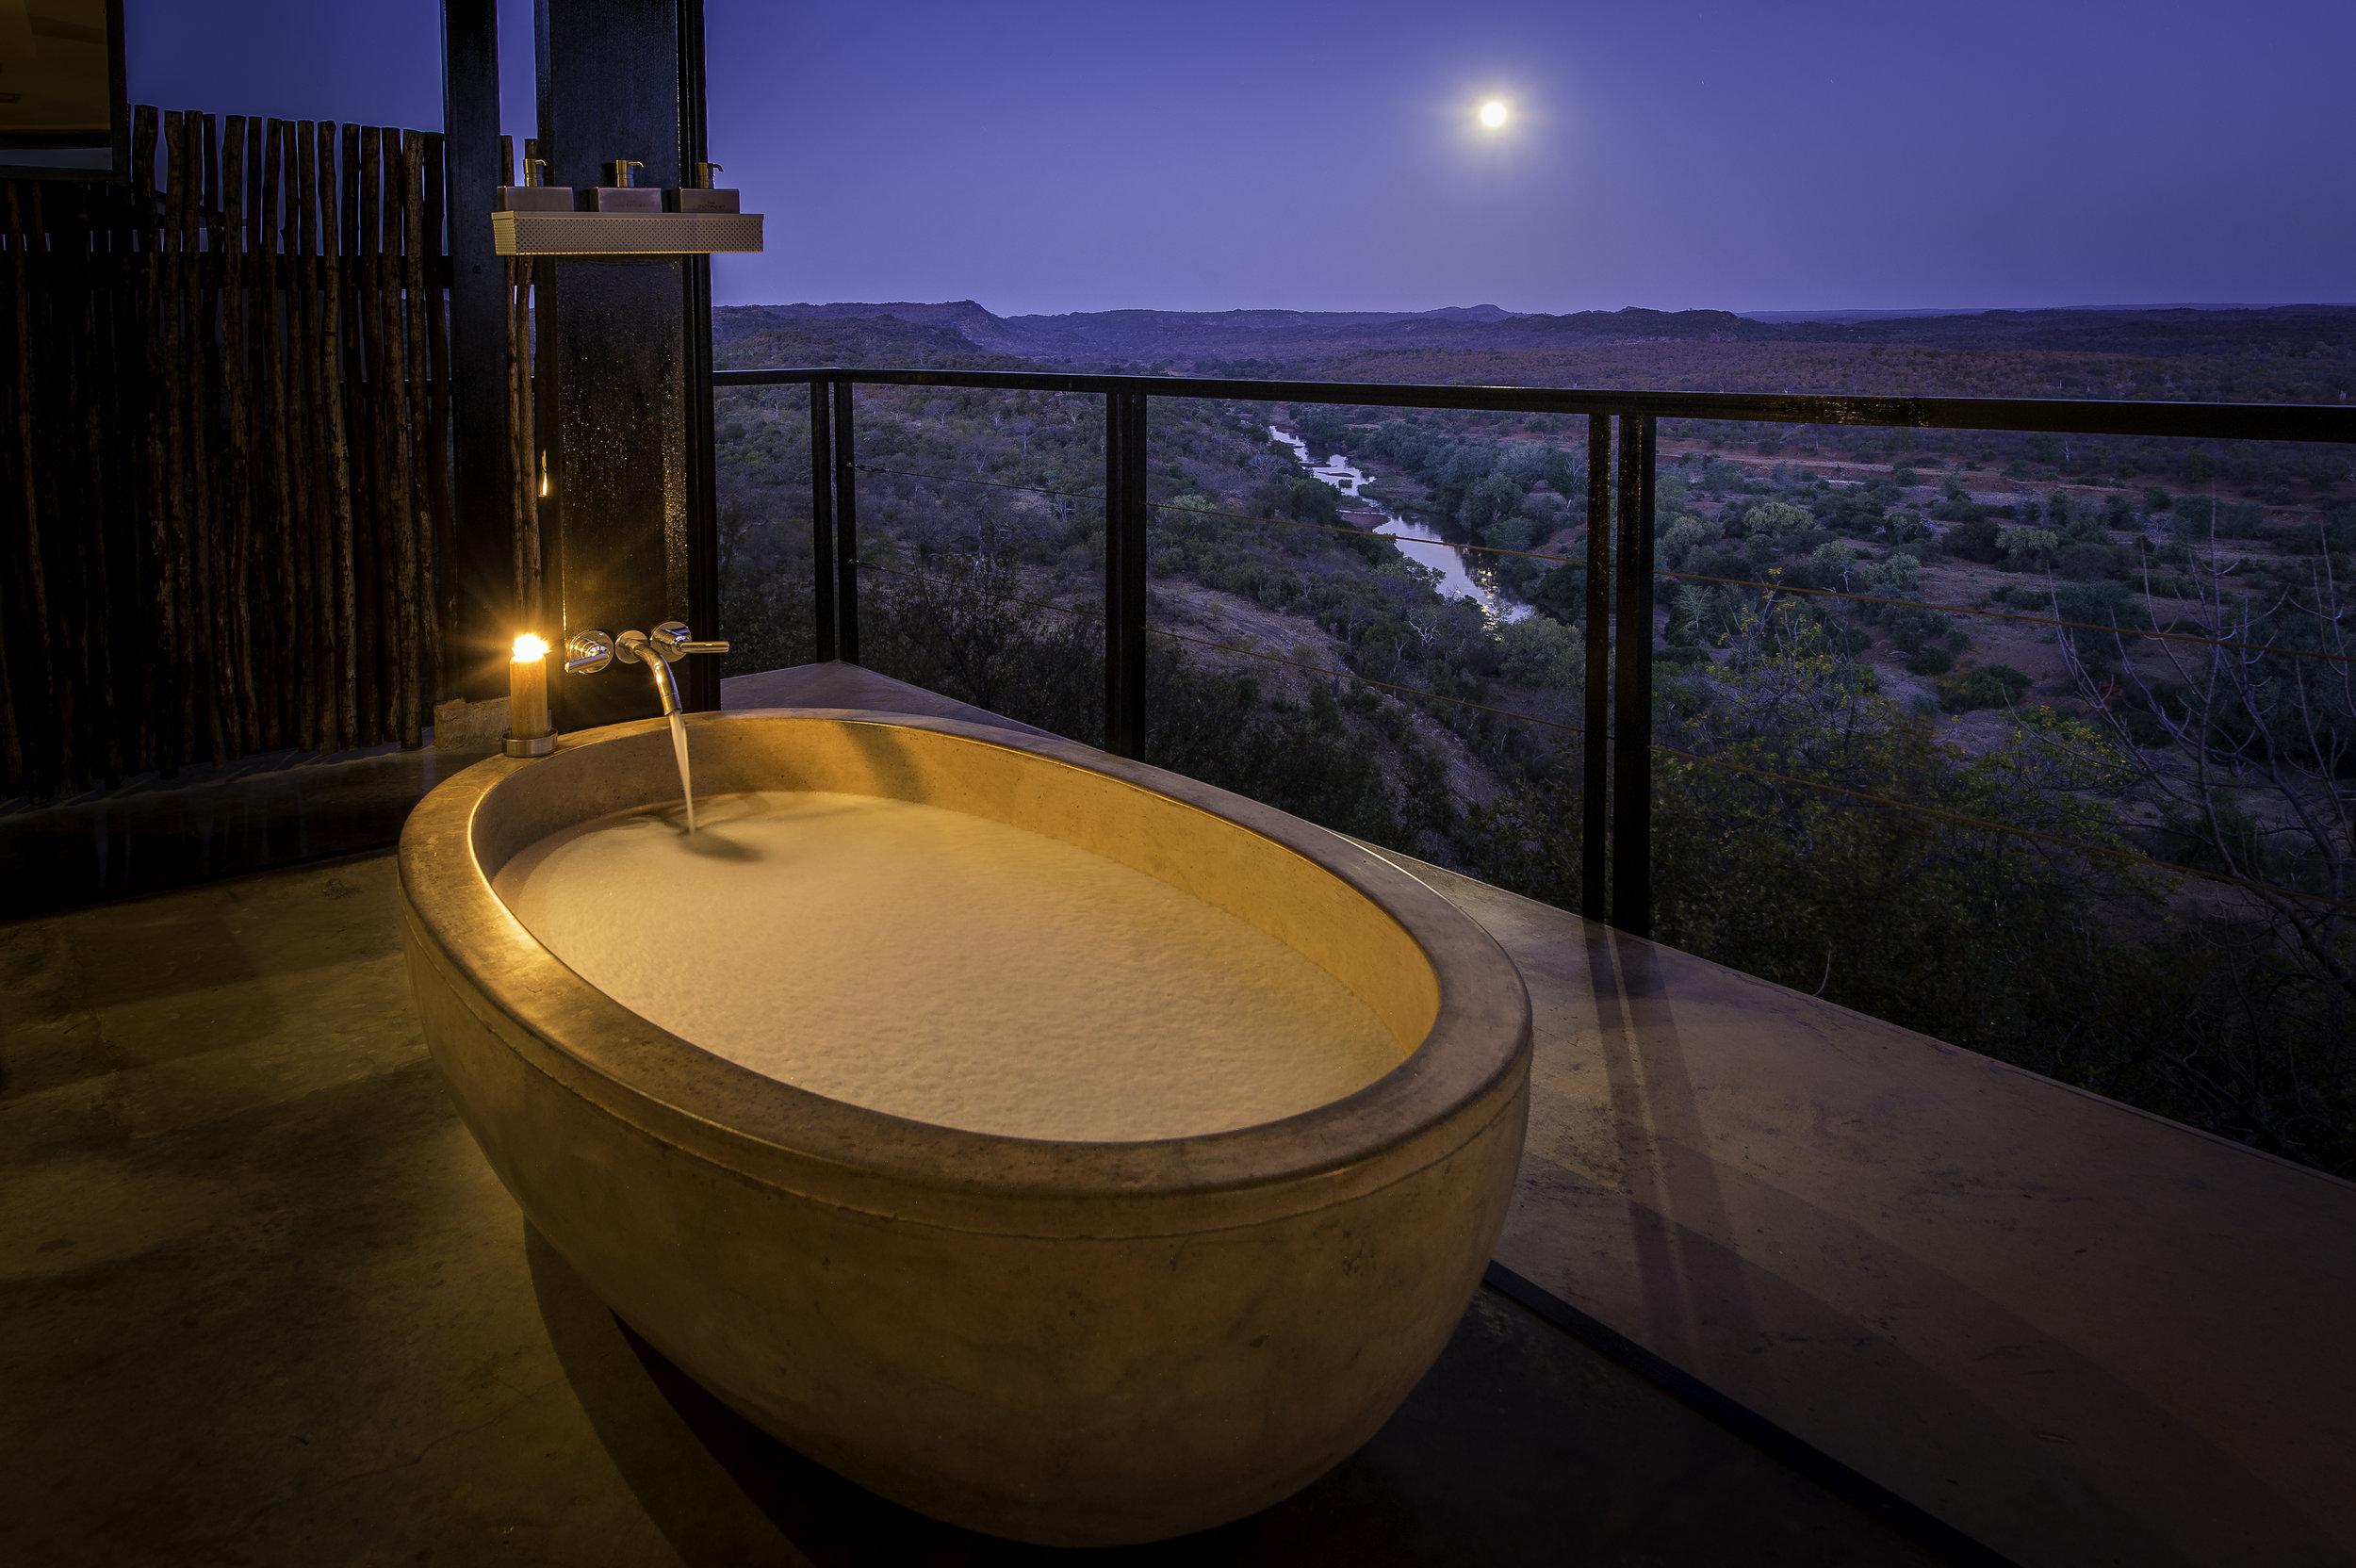 The Outpost_Kruger National Park.jpg